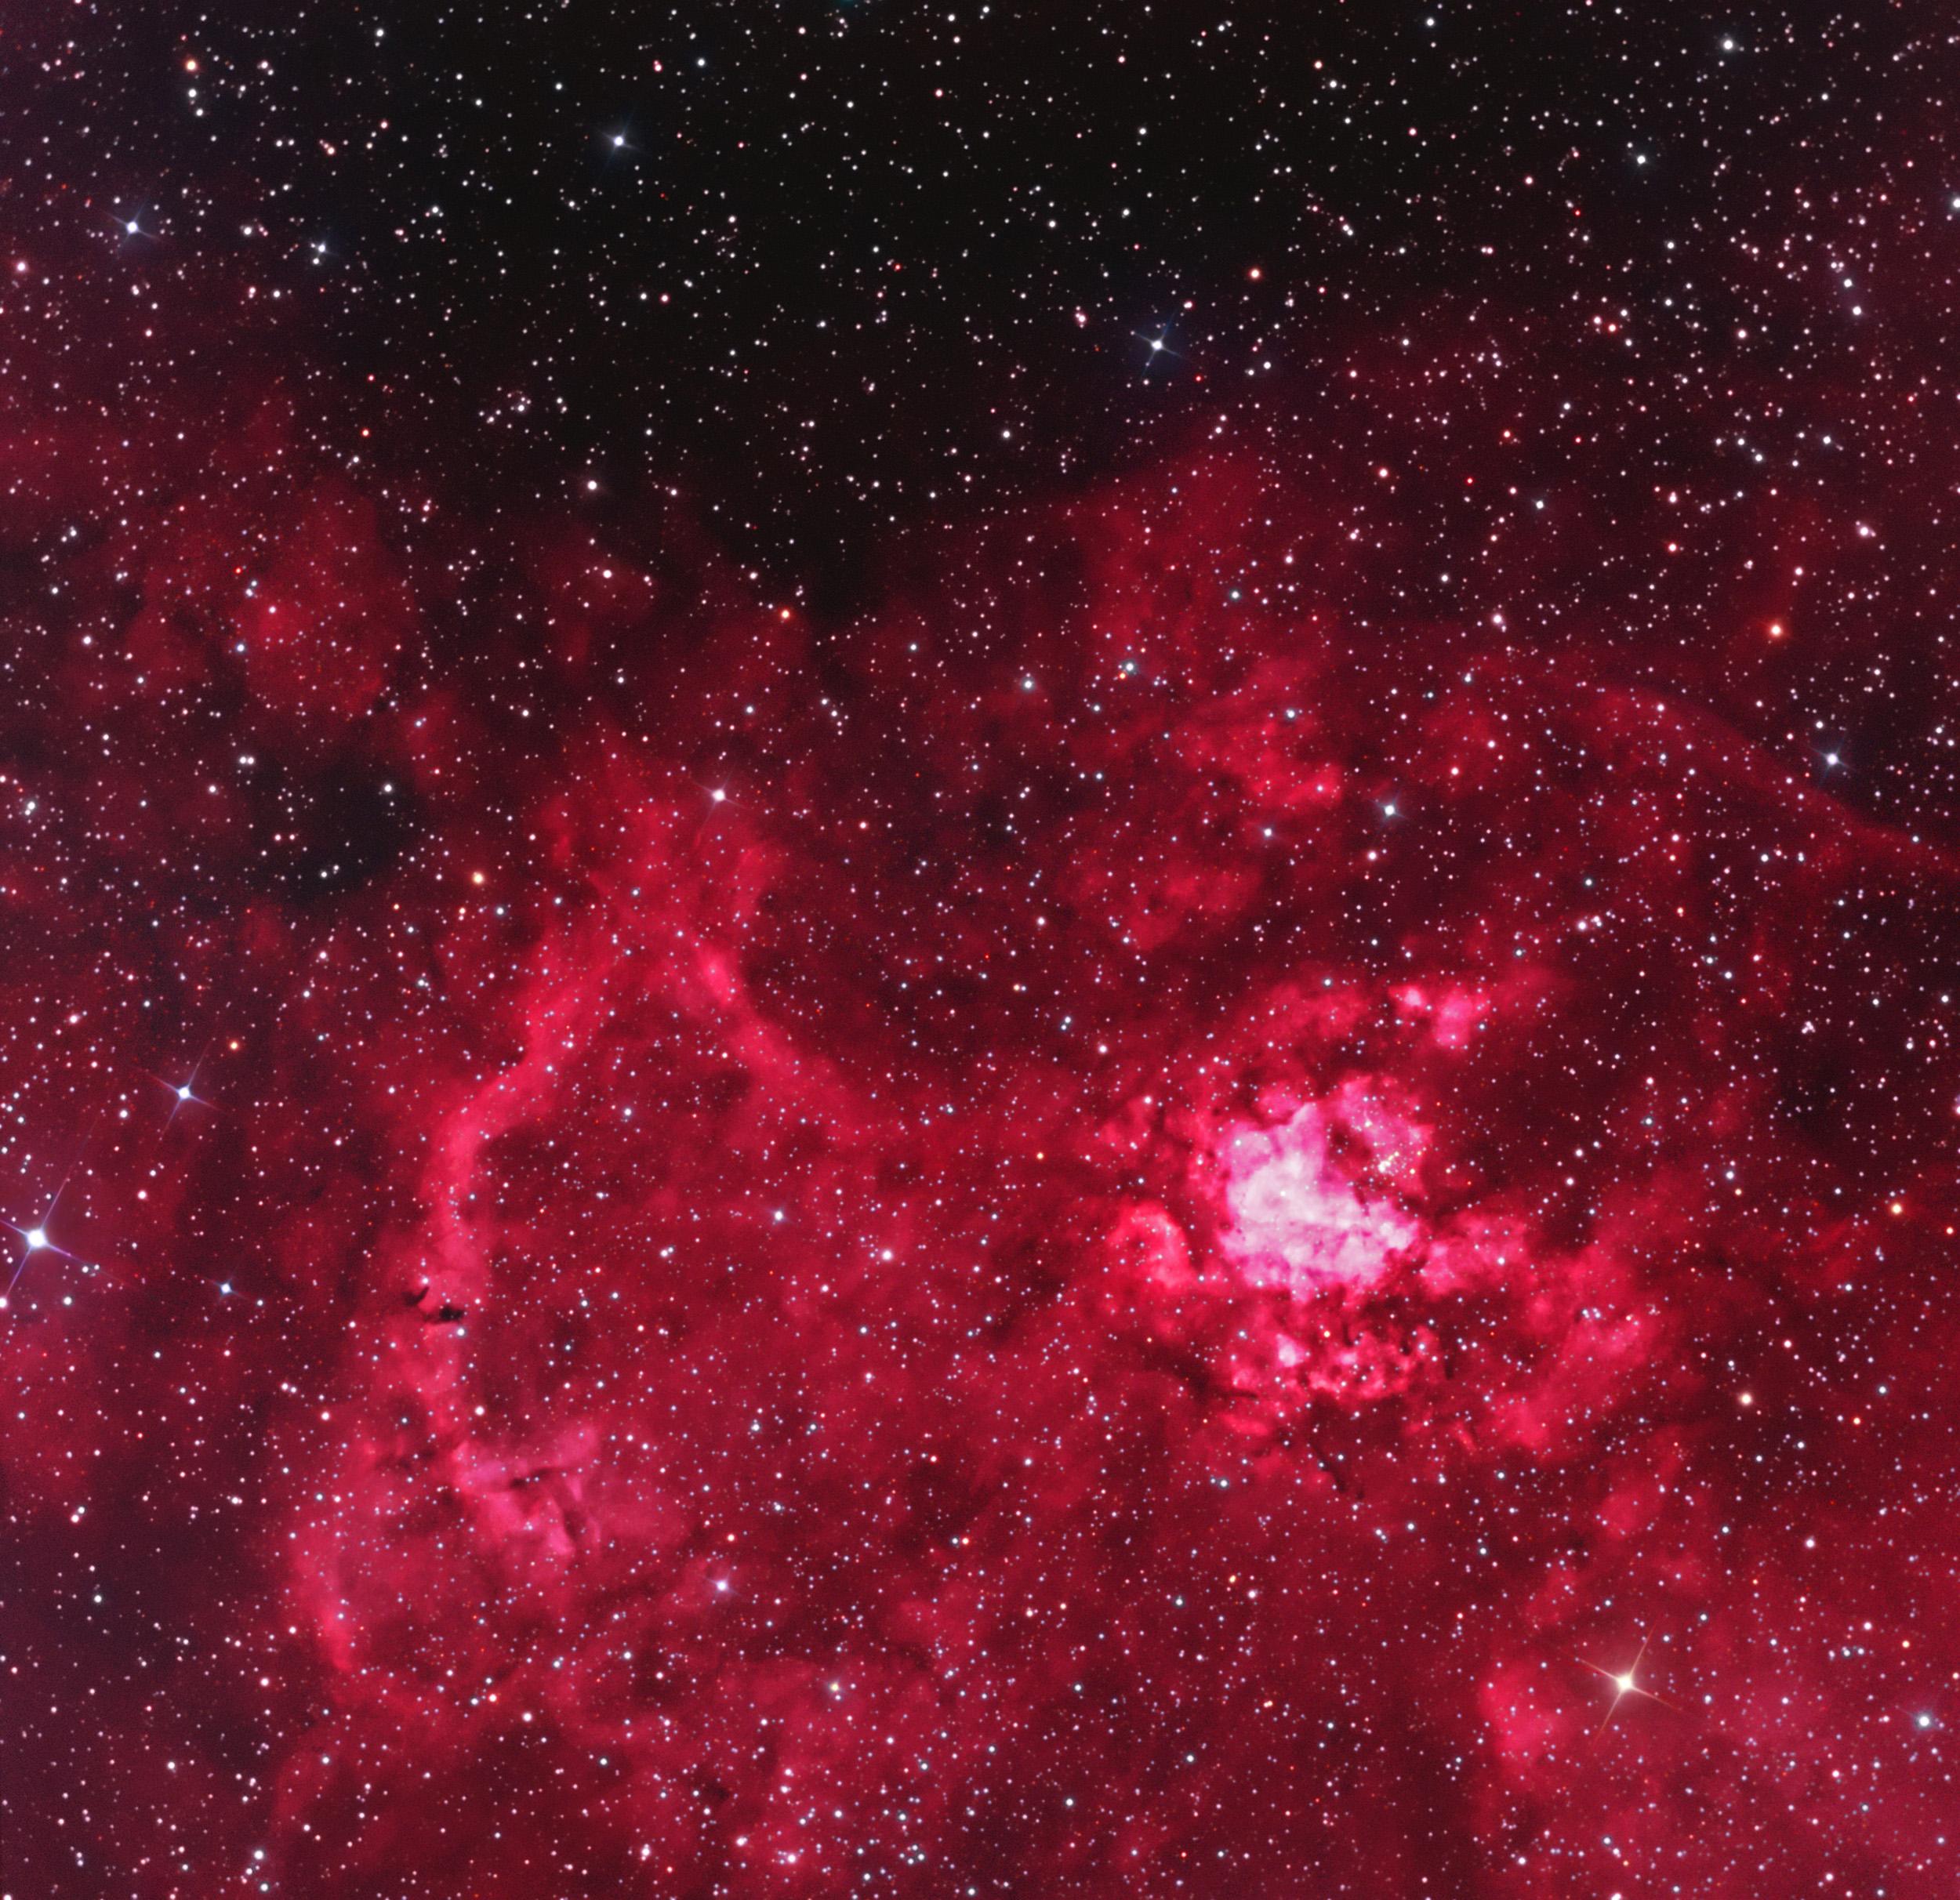 RCW49 Star Forming Region in Carina